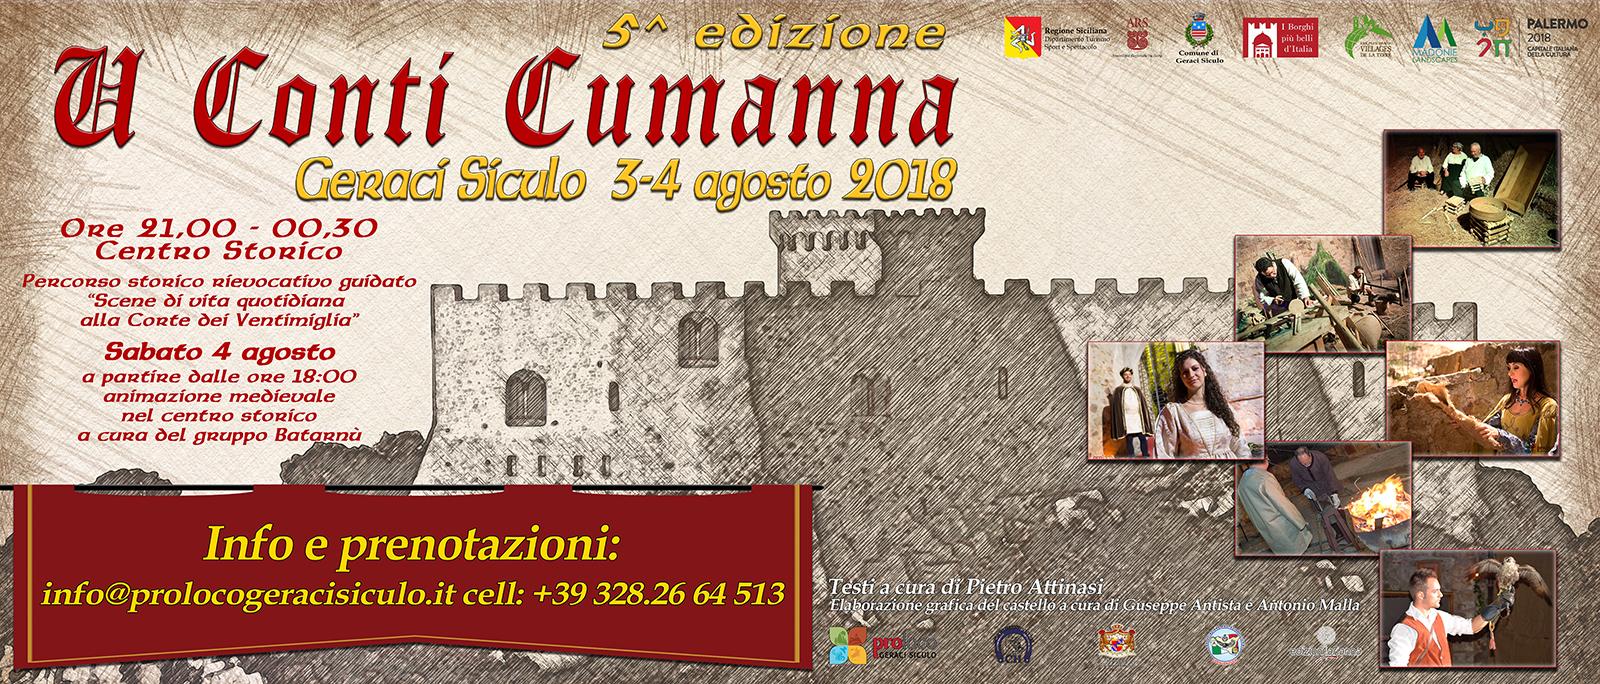 U_Conti_Cumanna_2018_Geraci_Siculo